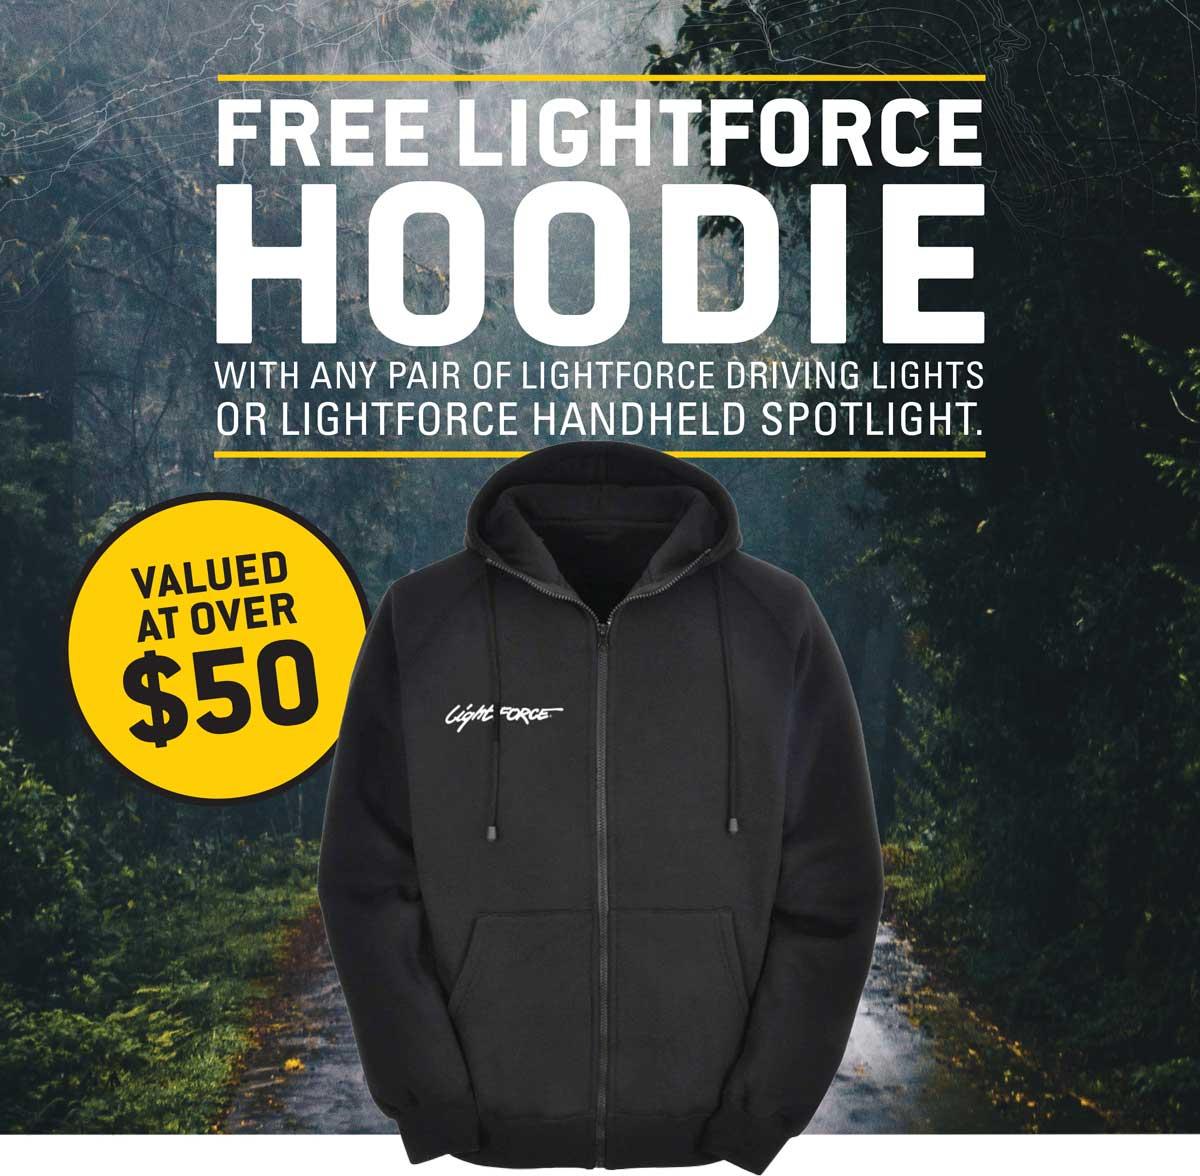 Free Lightforce Hoodie Offer